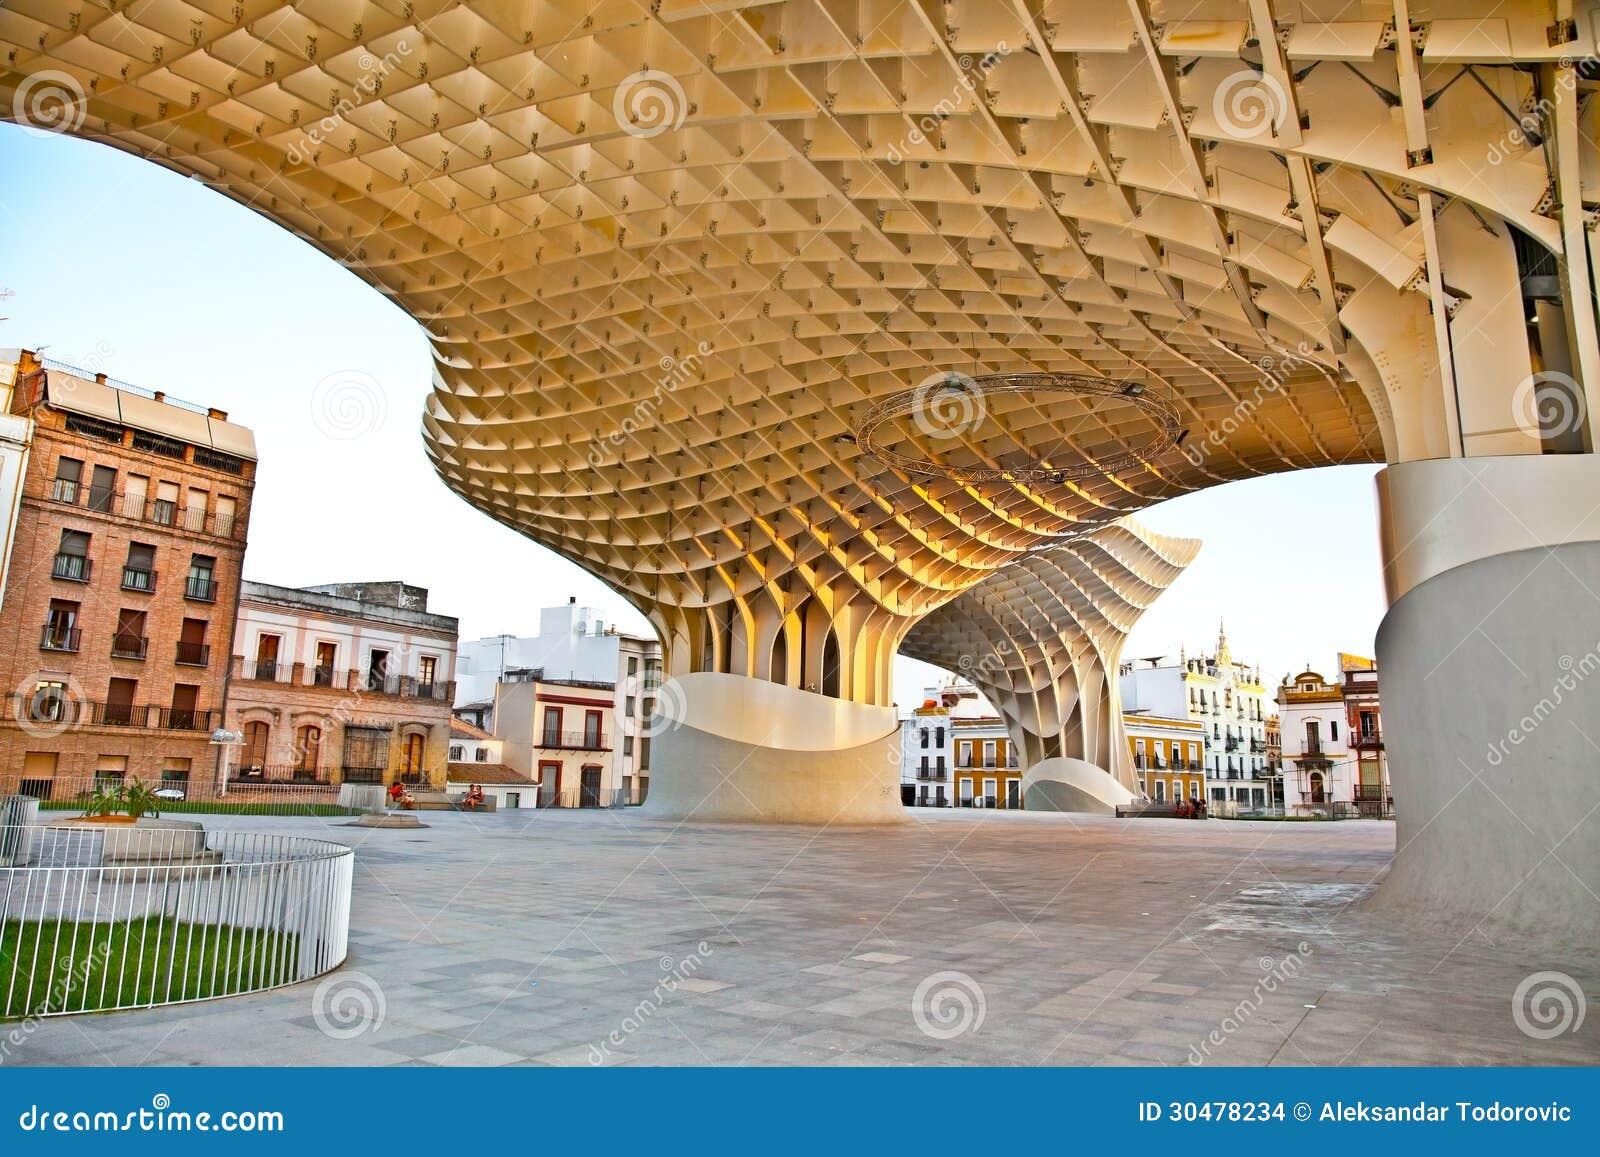 Der Metropol-Sonnenschirm in Plaza de la Encarnacion in Sevilla